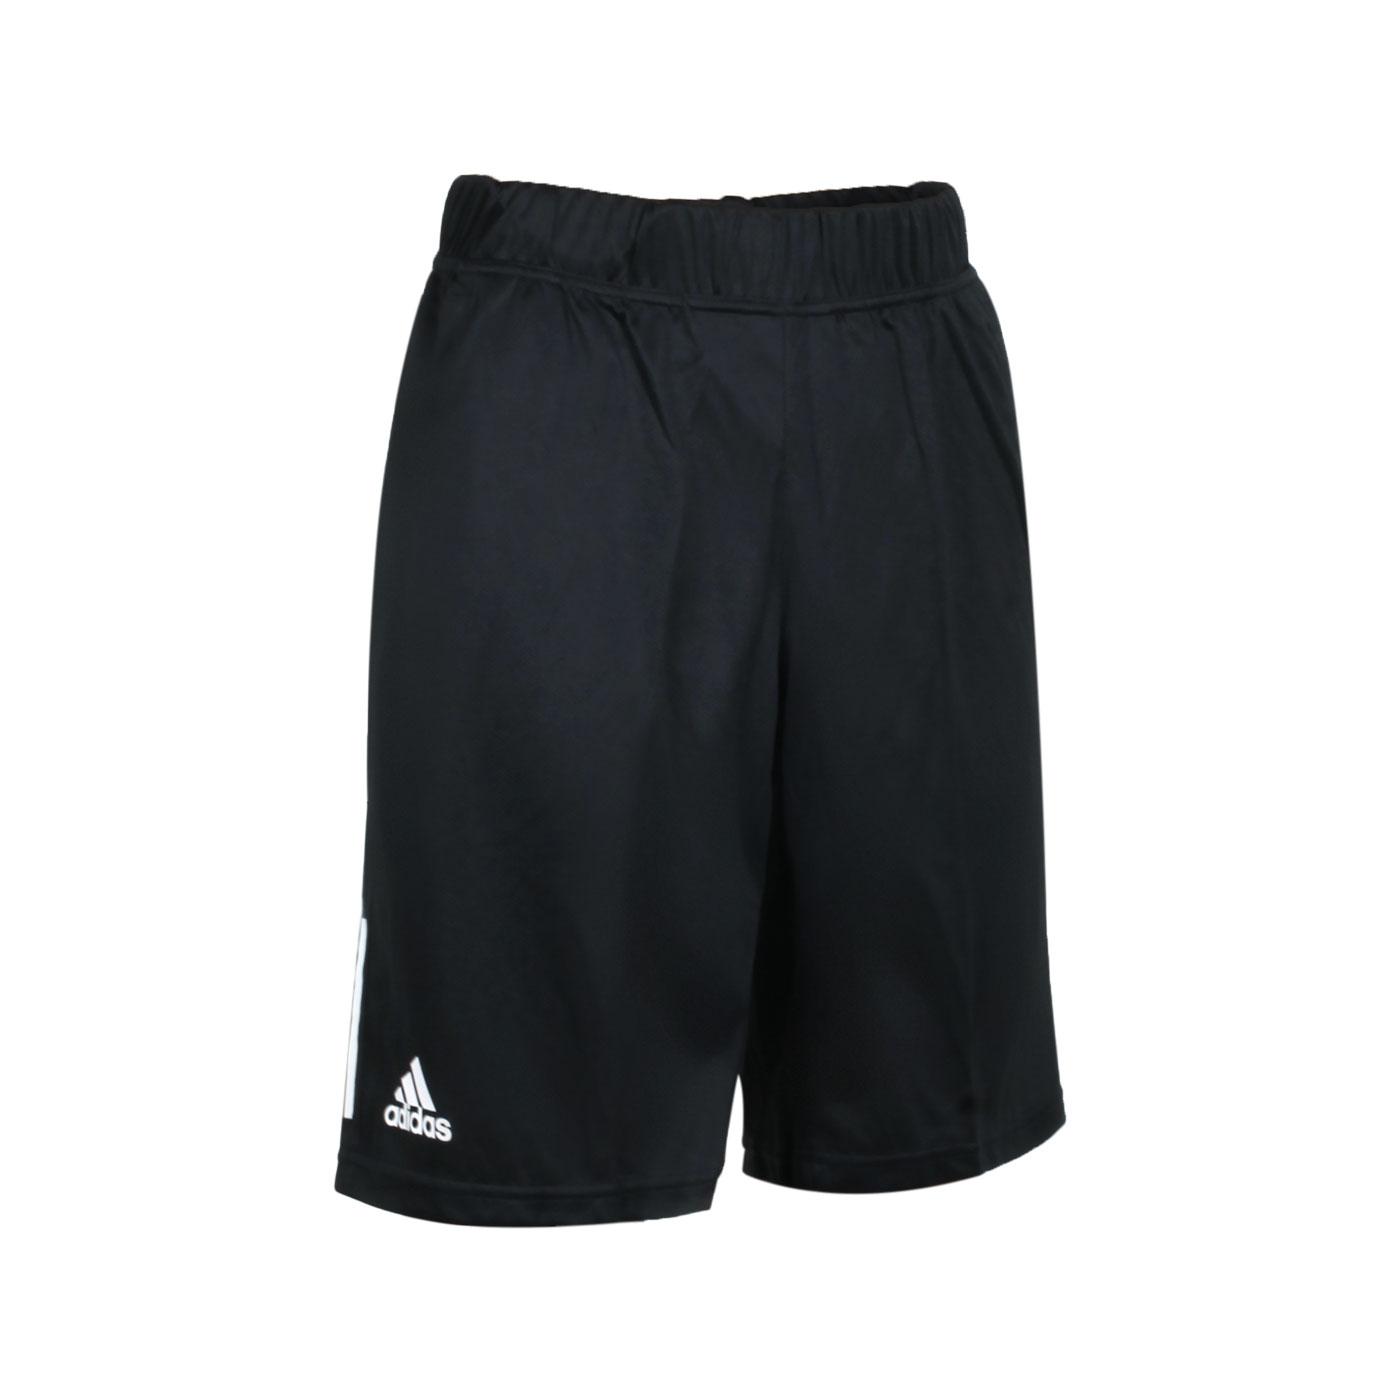 ADIDAS 男款運動短褲 GH7672 - 黑白